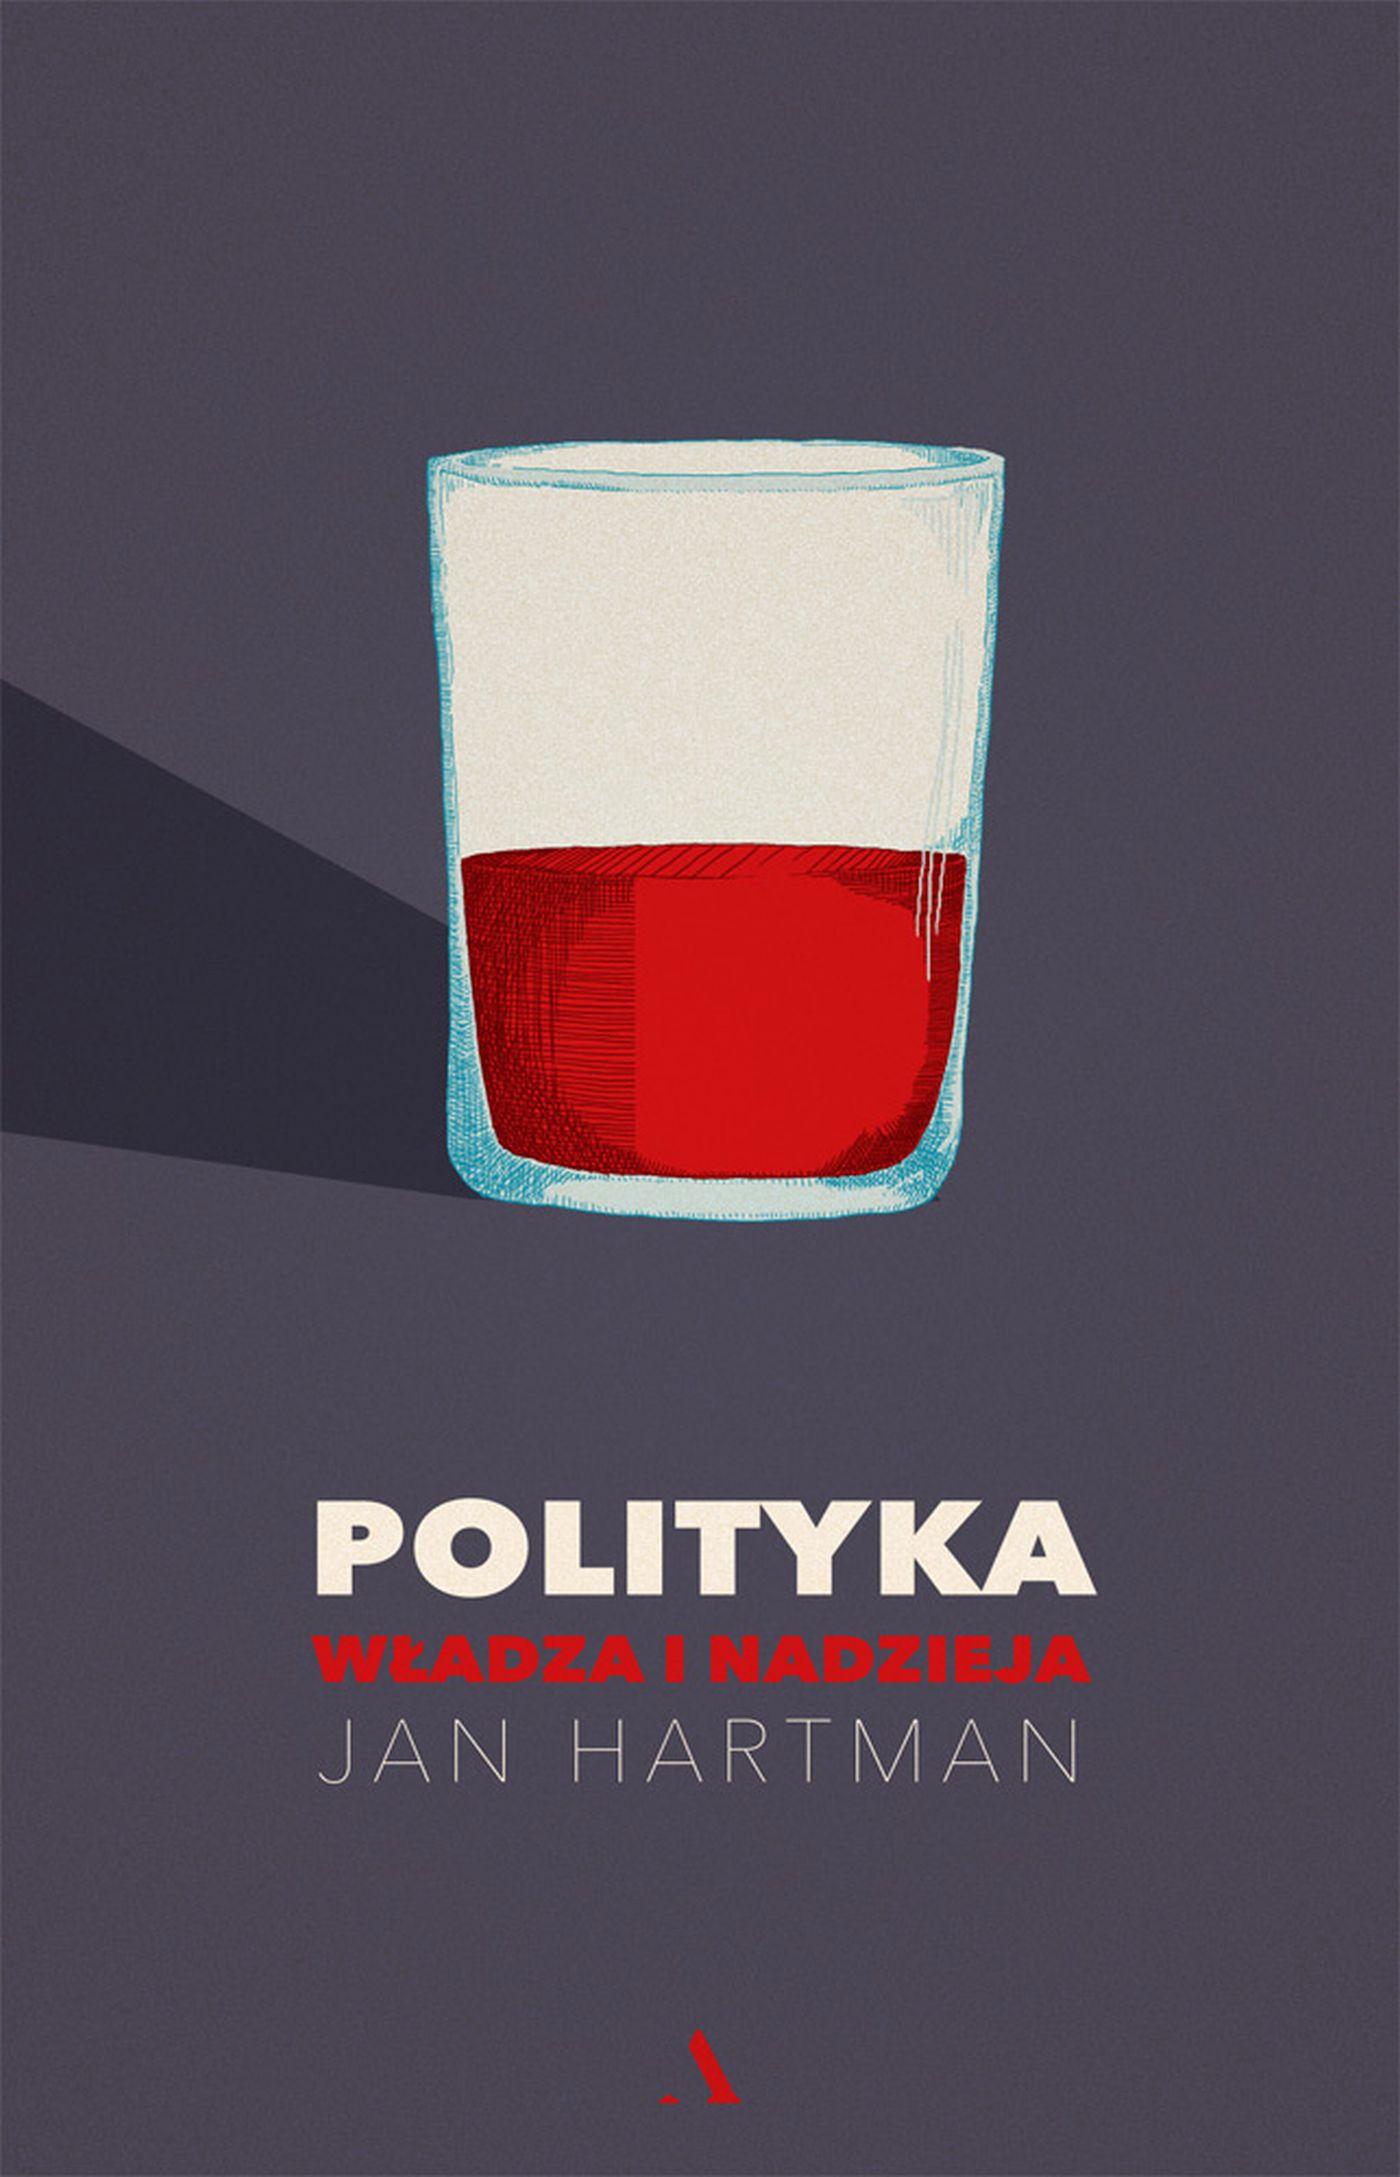 Polityka. Władza i nadzieja - Ebook (Książka EPUB) do pobrania w formacie EPUB